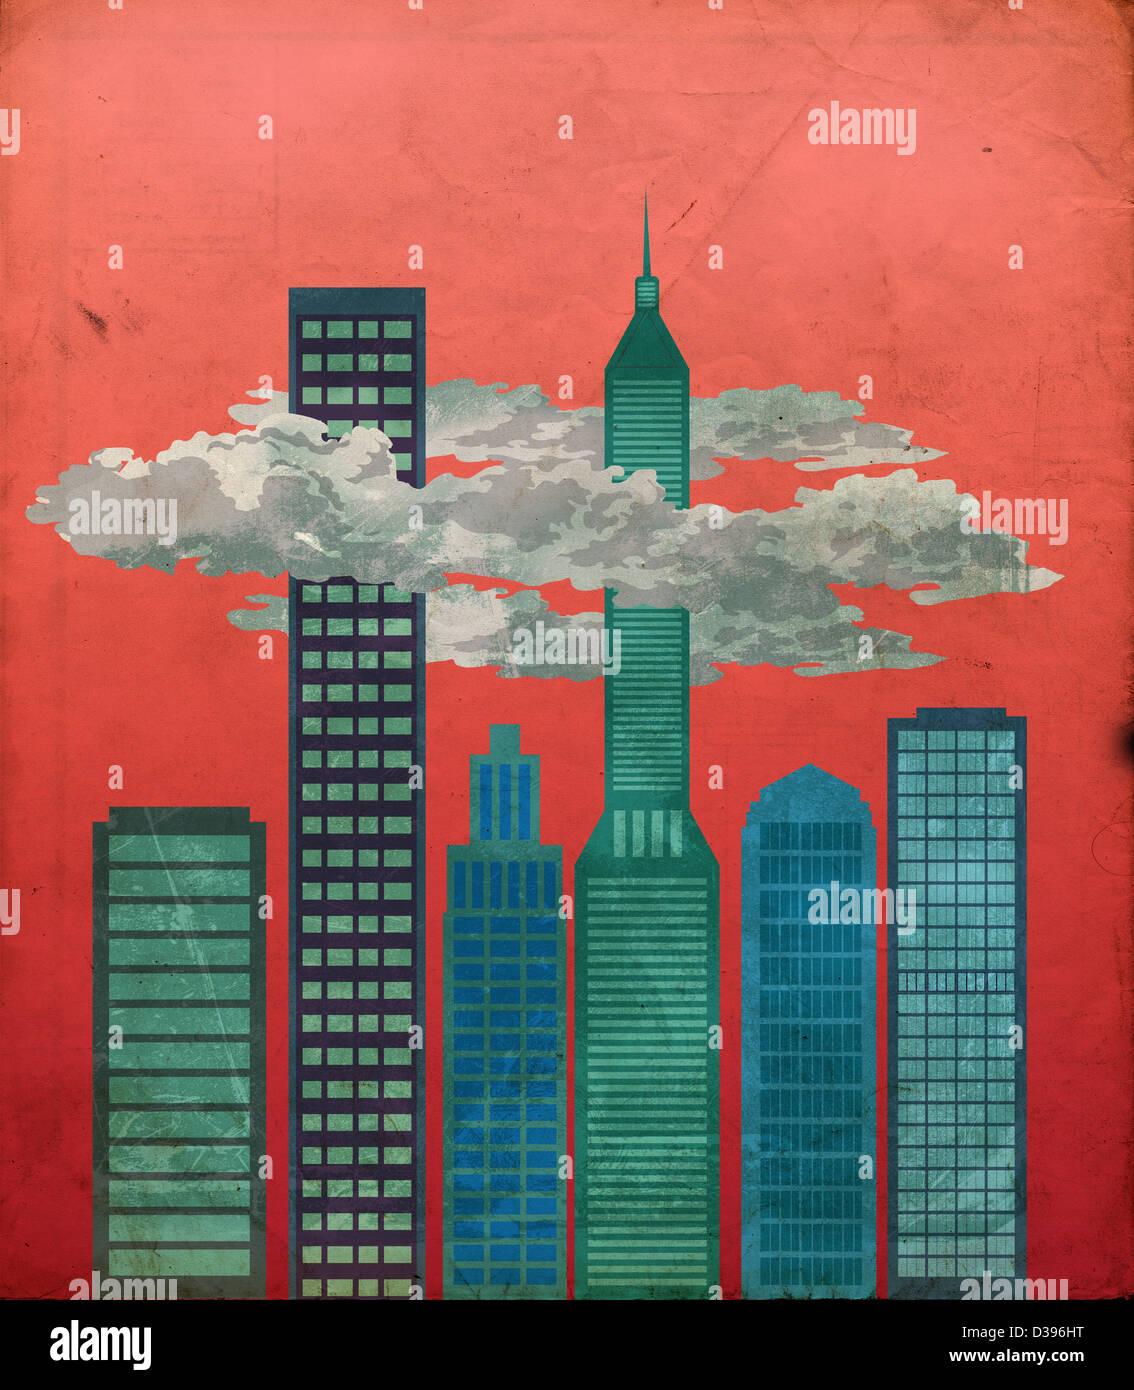 Anschauliches Bild des Finanzviertels von Stockbild